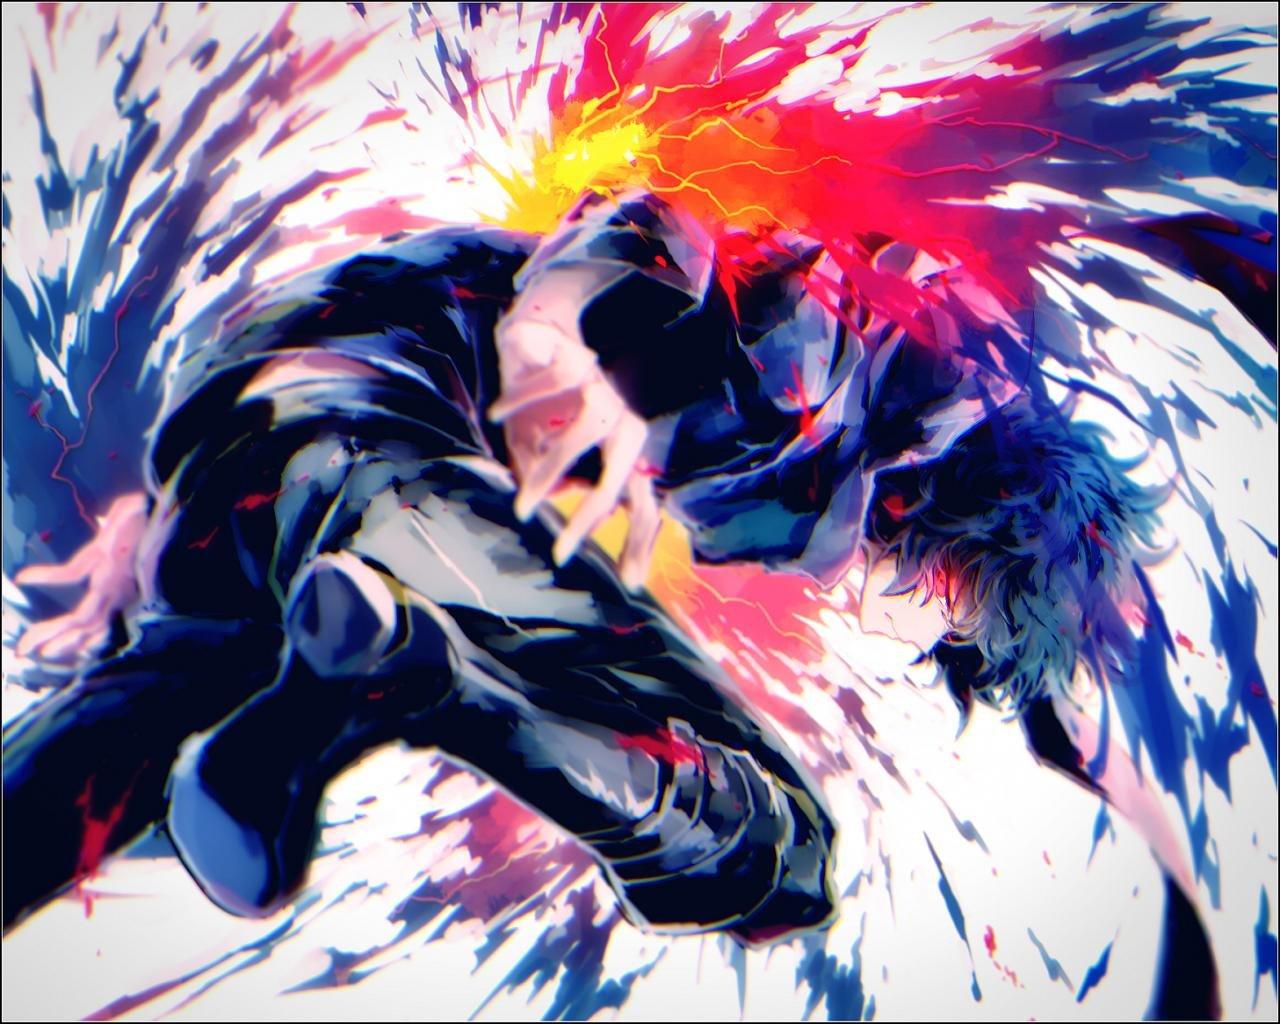 Tokyo Ghoul Wallpapers 1280x1024 Desktop Backgrounds